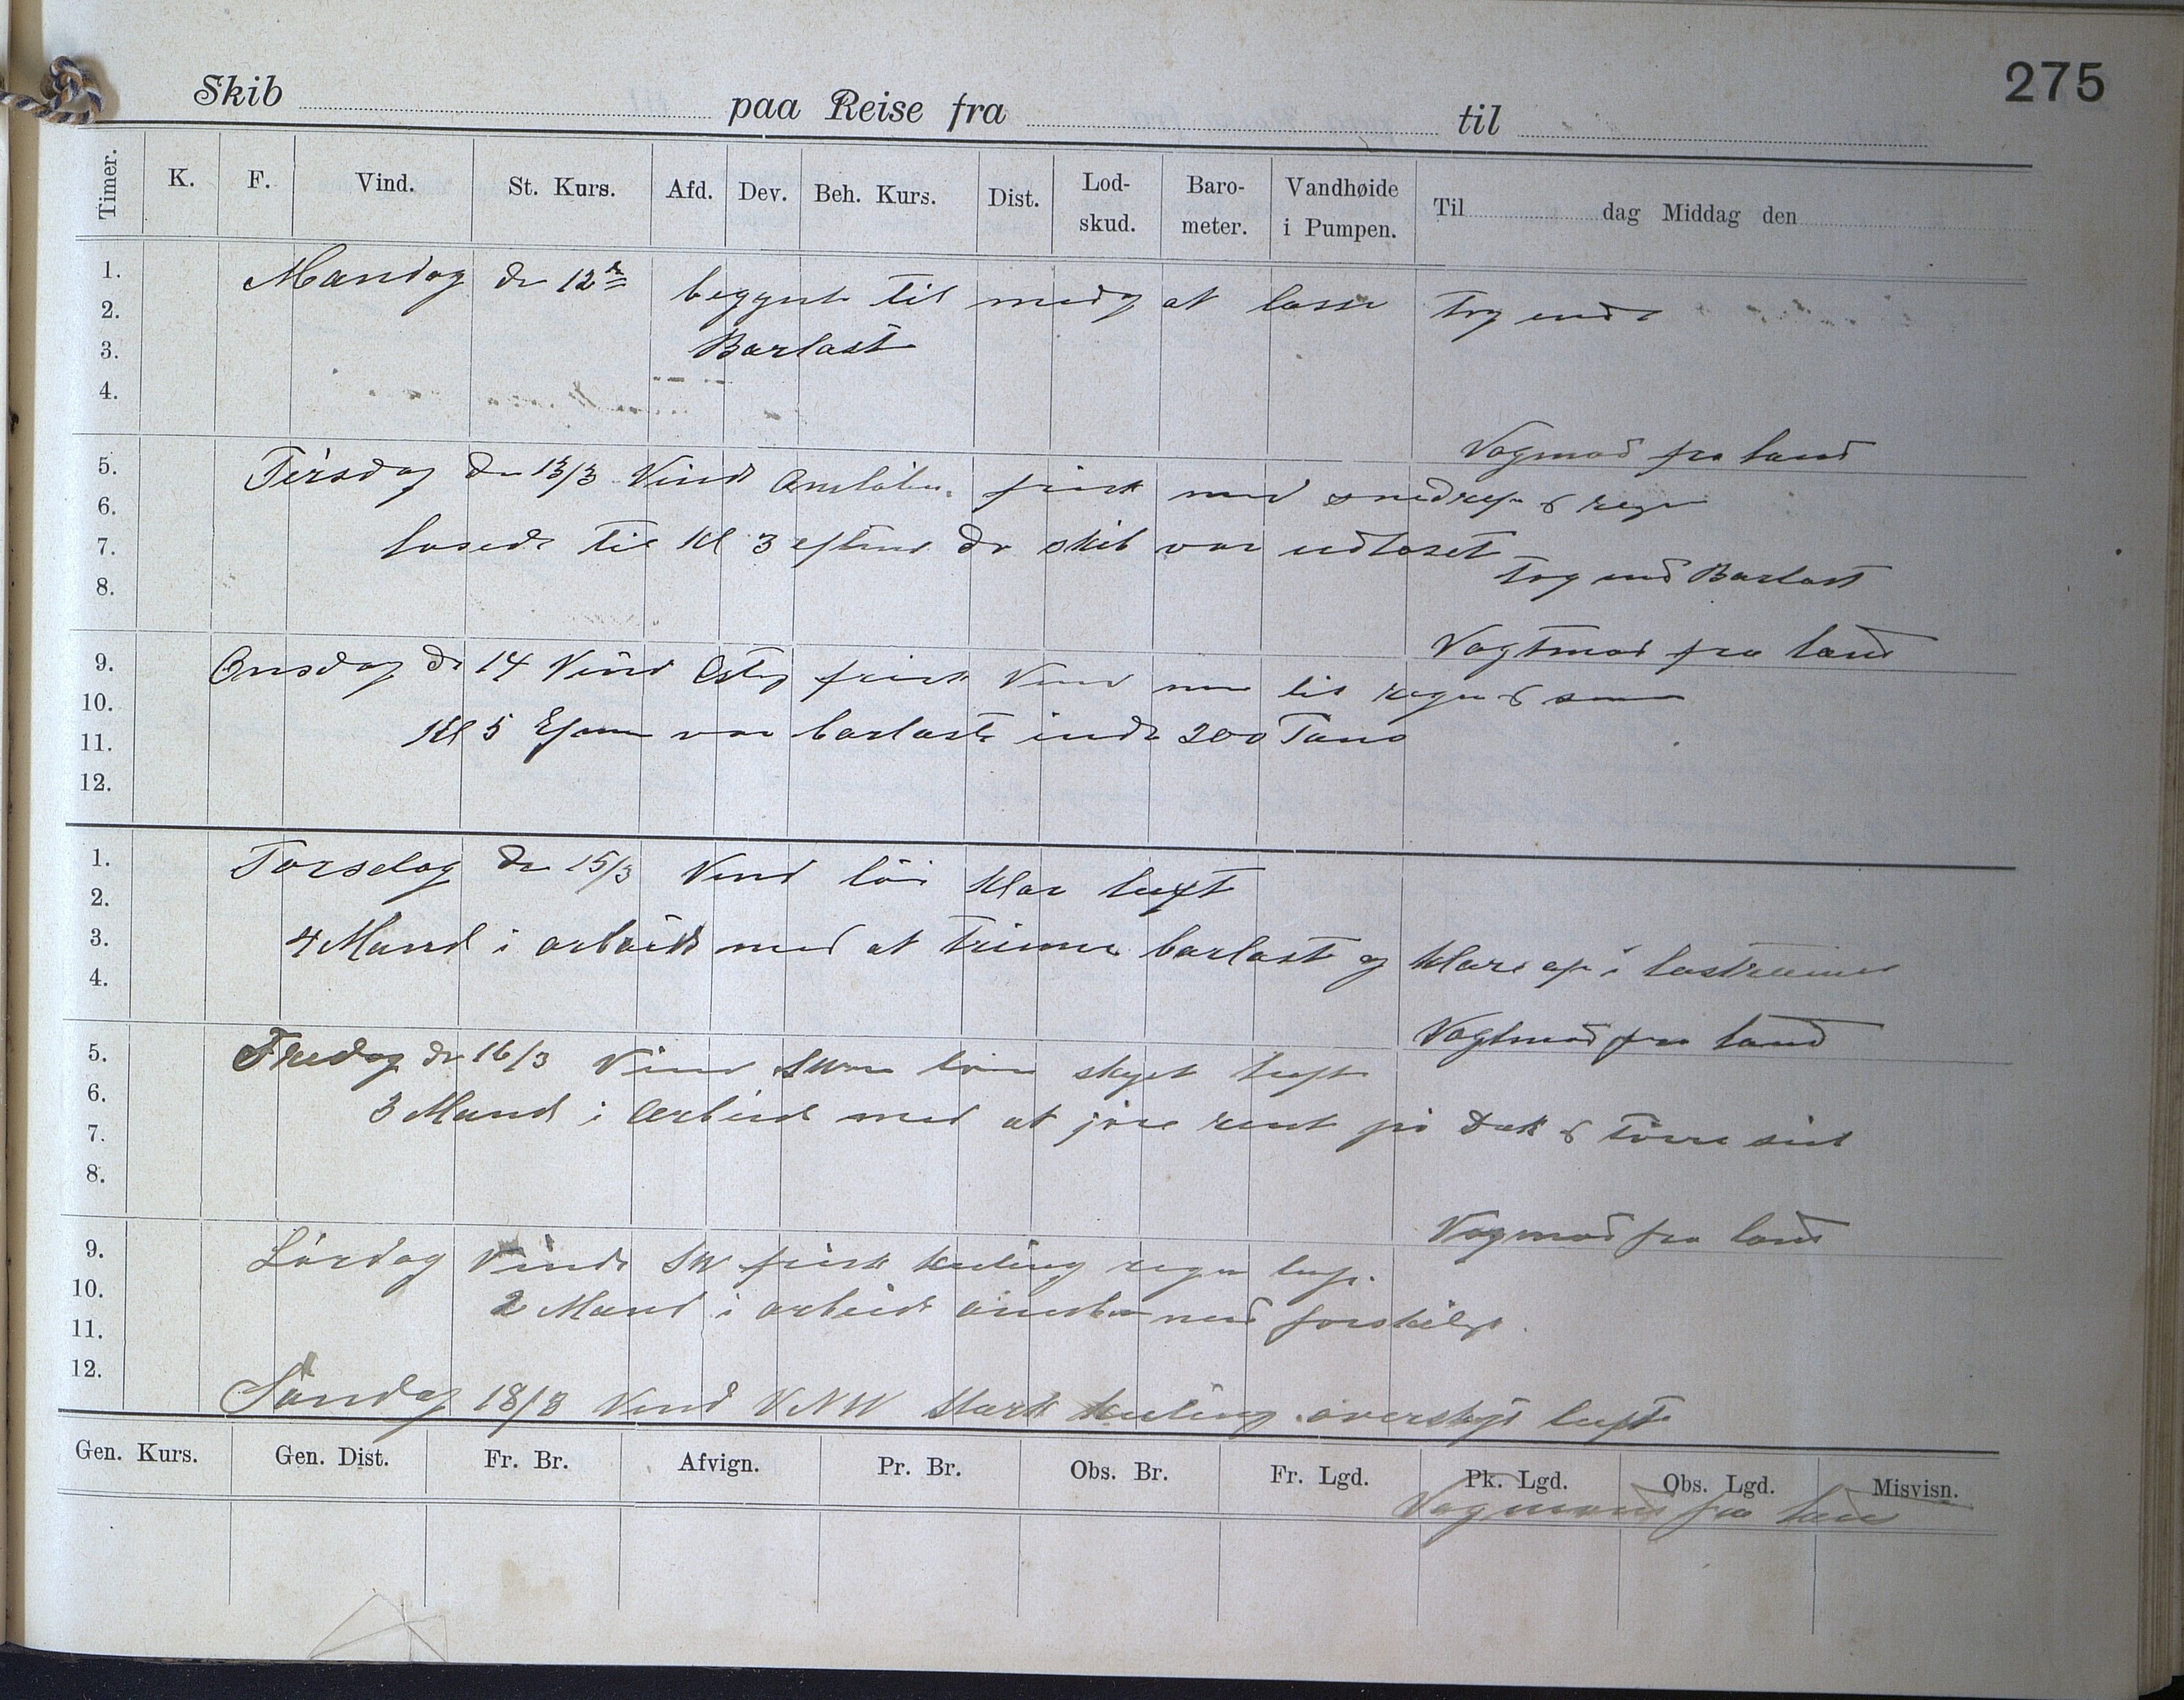 AAKS, Fartøysarkivet, F/L0272: Pehr Ugland (bark), 1891-1929, p. 275